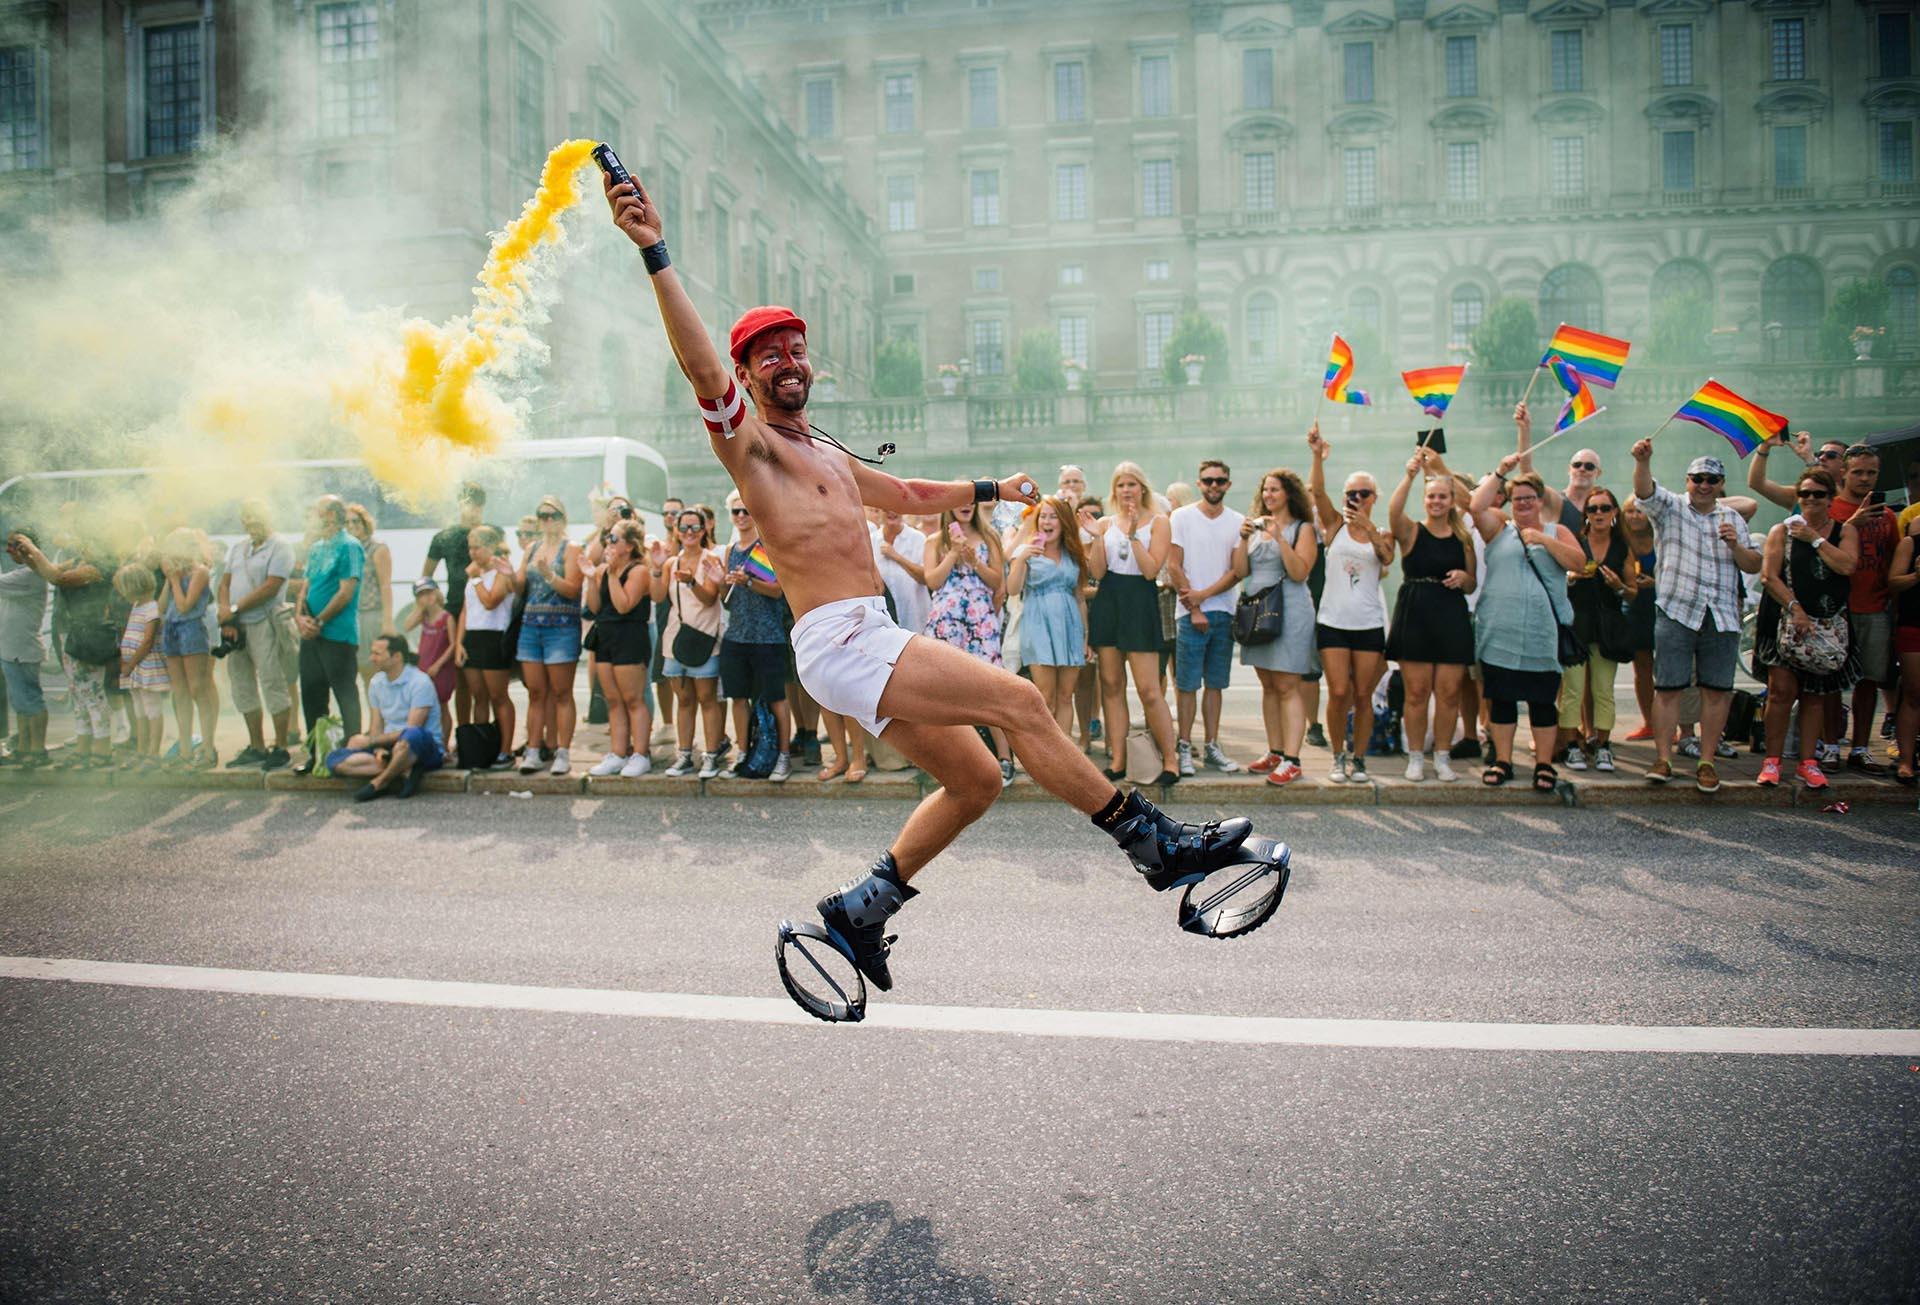 Un participante baila durante el Desfile del Orgullo el 2 de agosto de 2014 en Estocolmo.